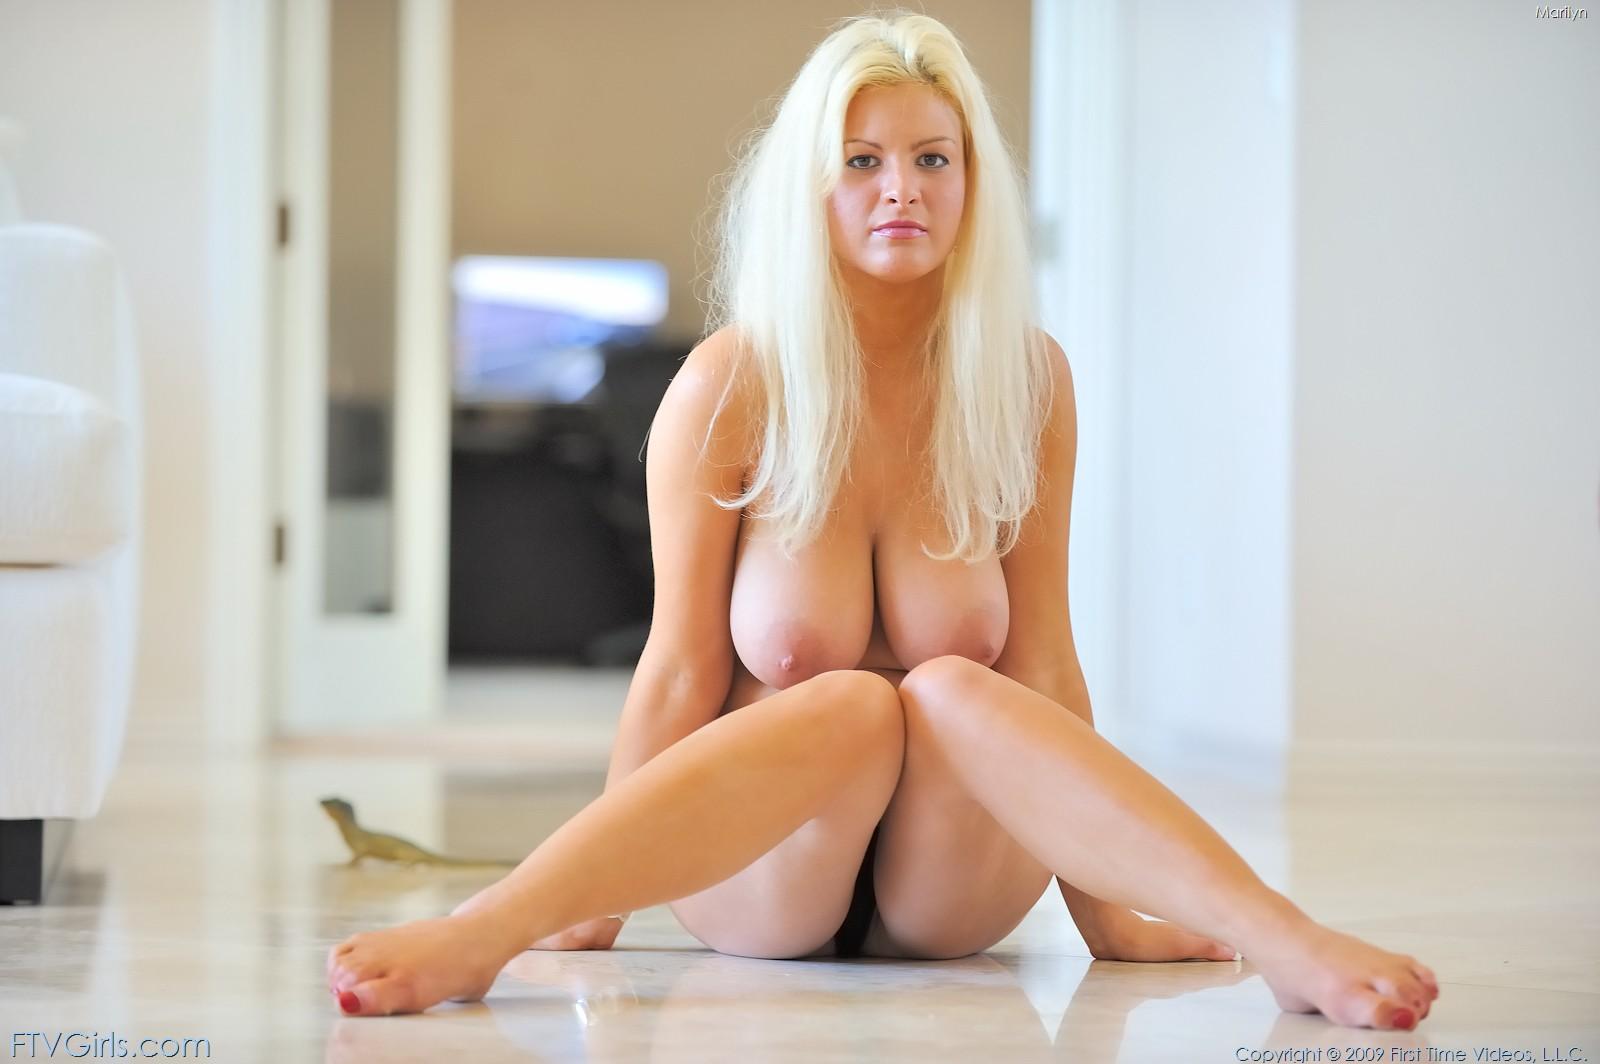 wpid-marilyn-shows-off-her-big-boobs3.jpg